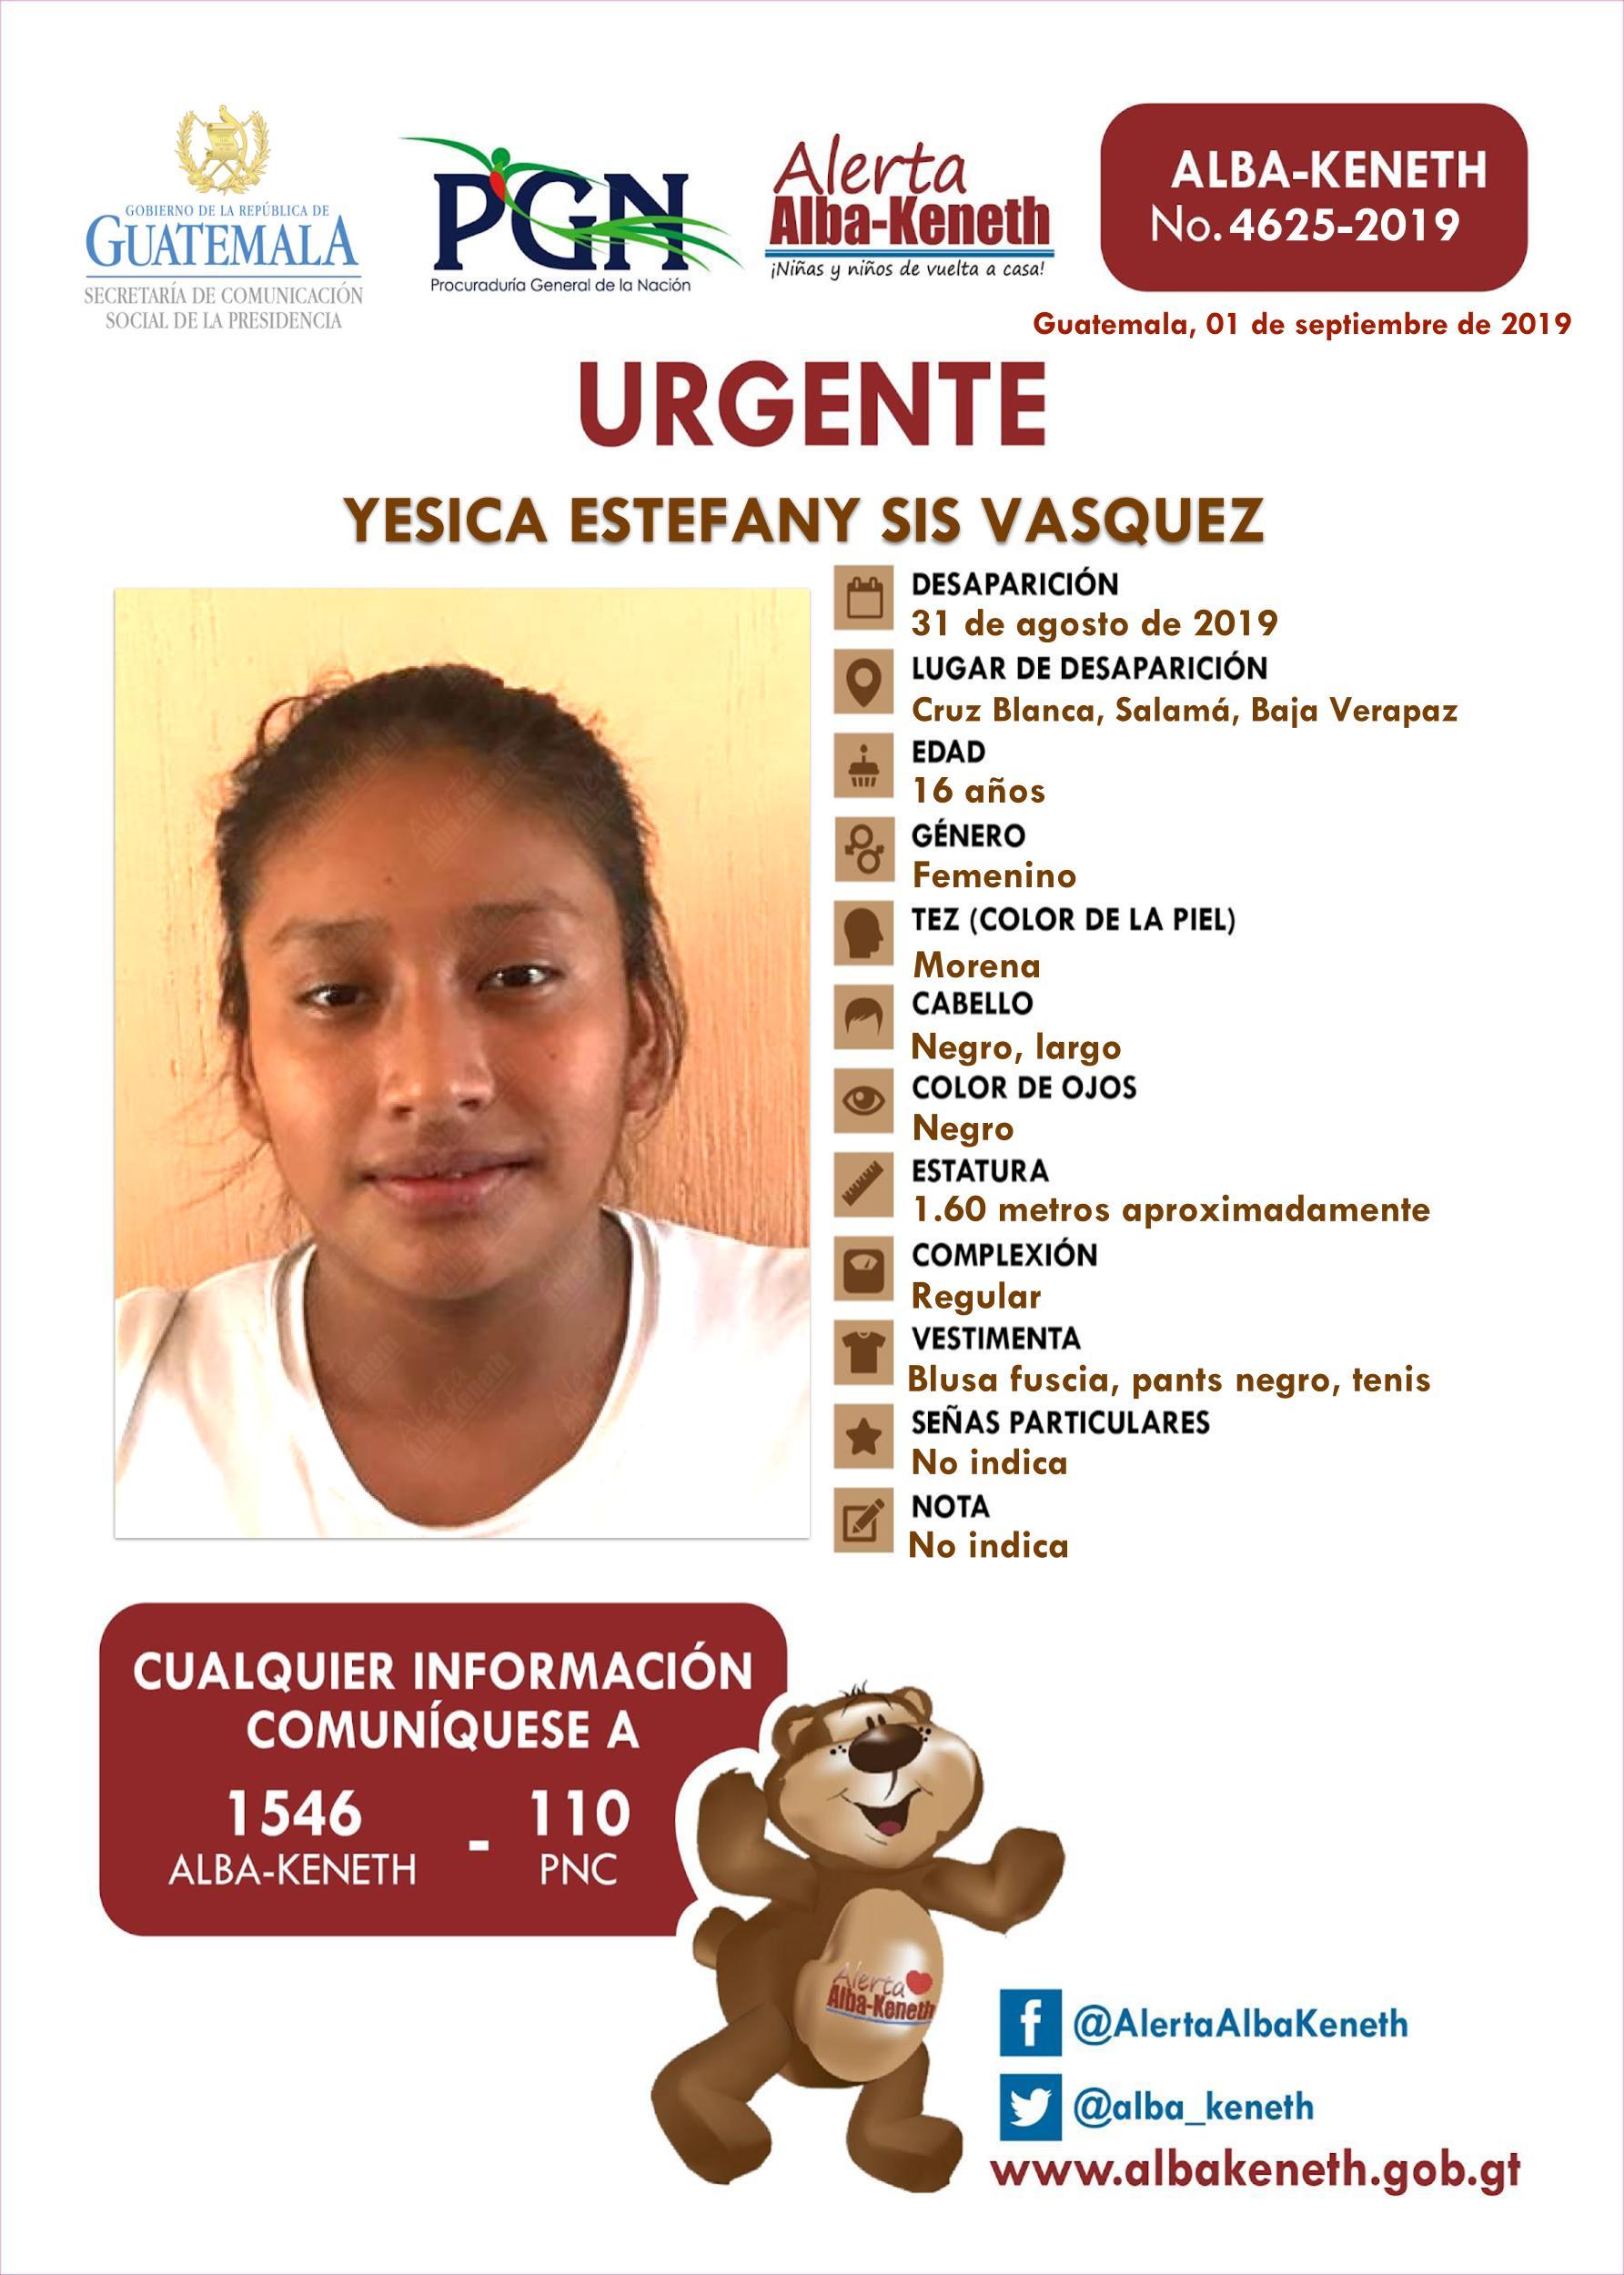 Yesica Estefany Sis Vasquez